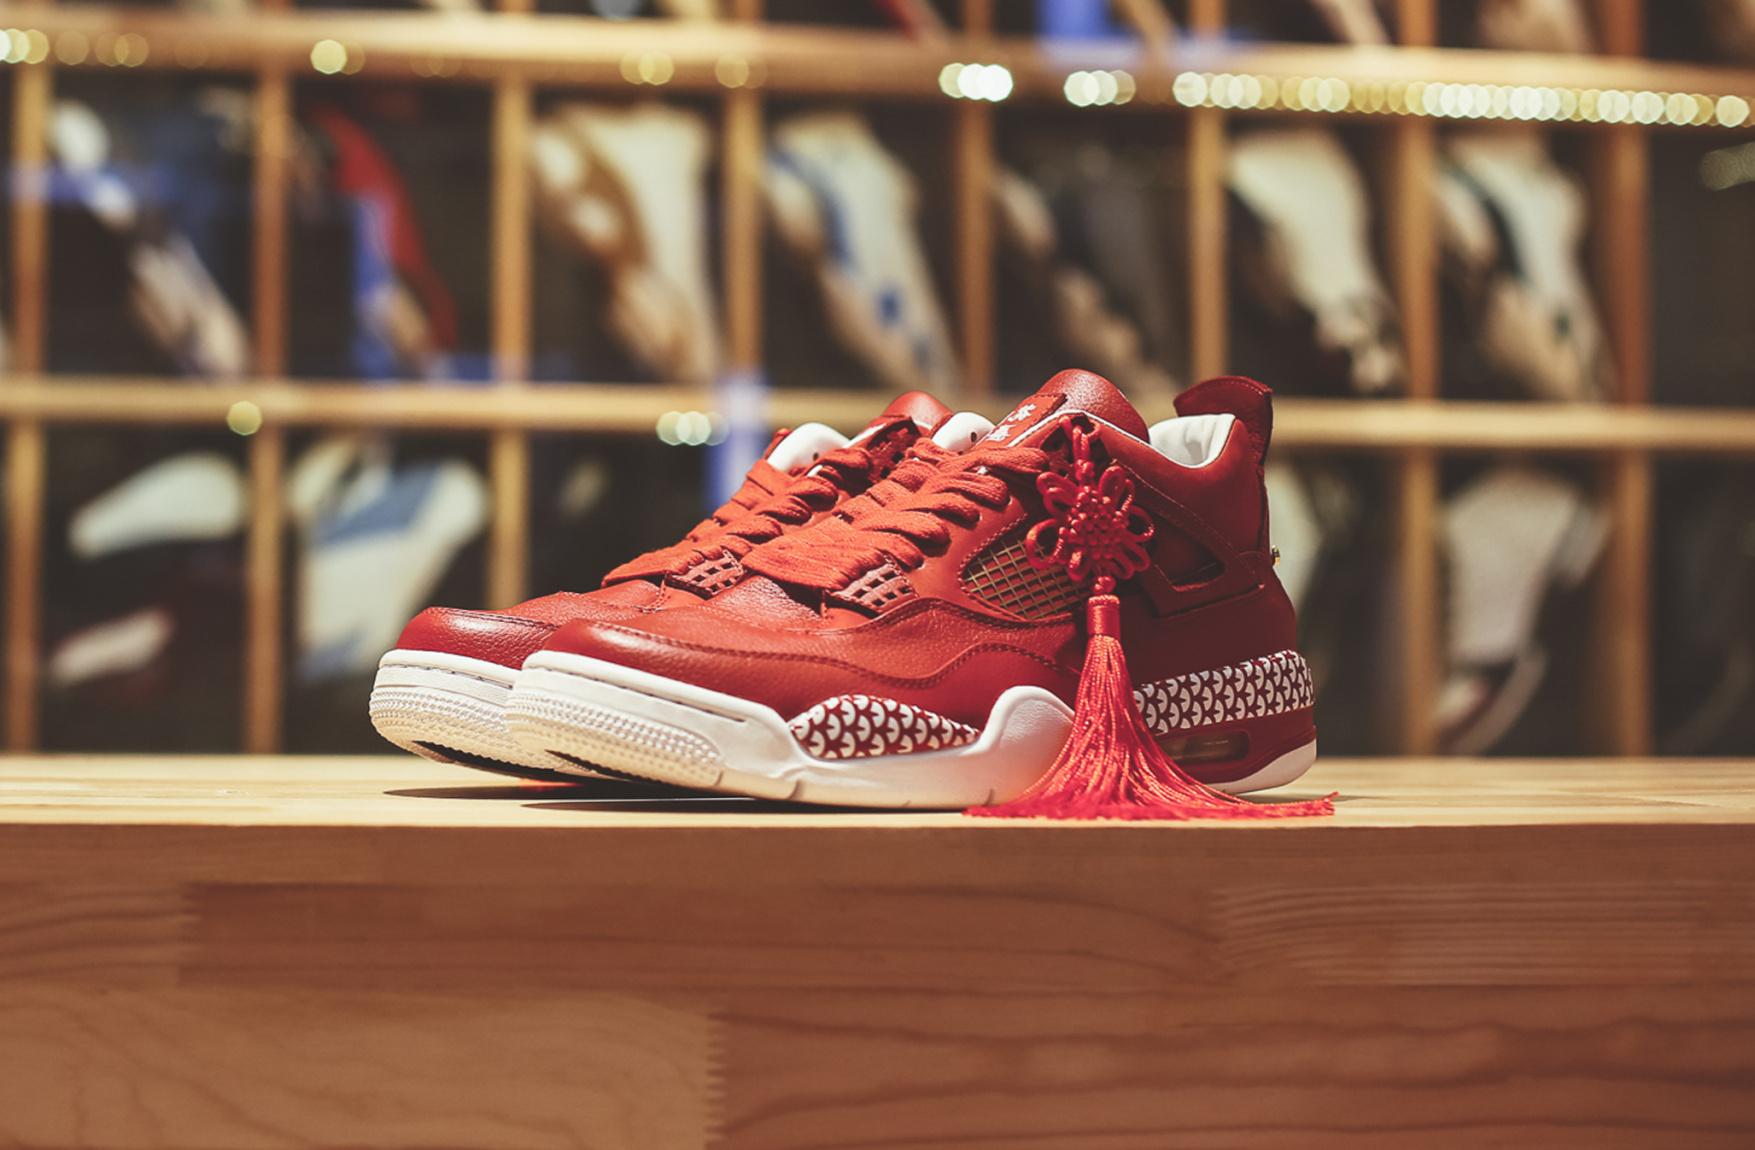 Cùng đón tết 2017 với giày Nike Air Jordan 4